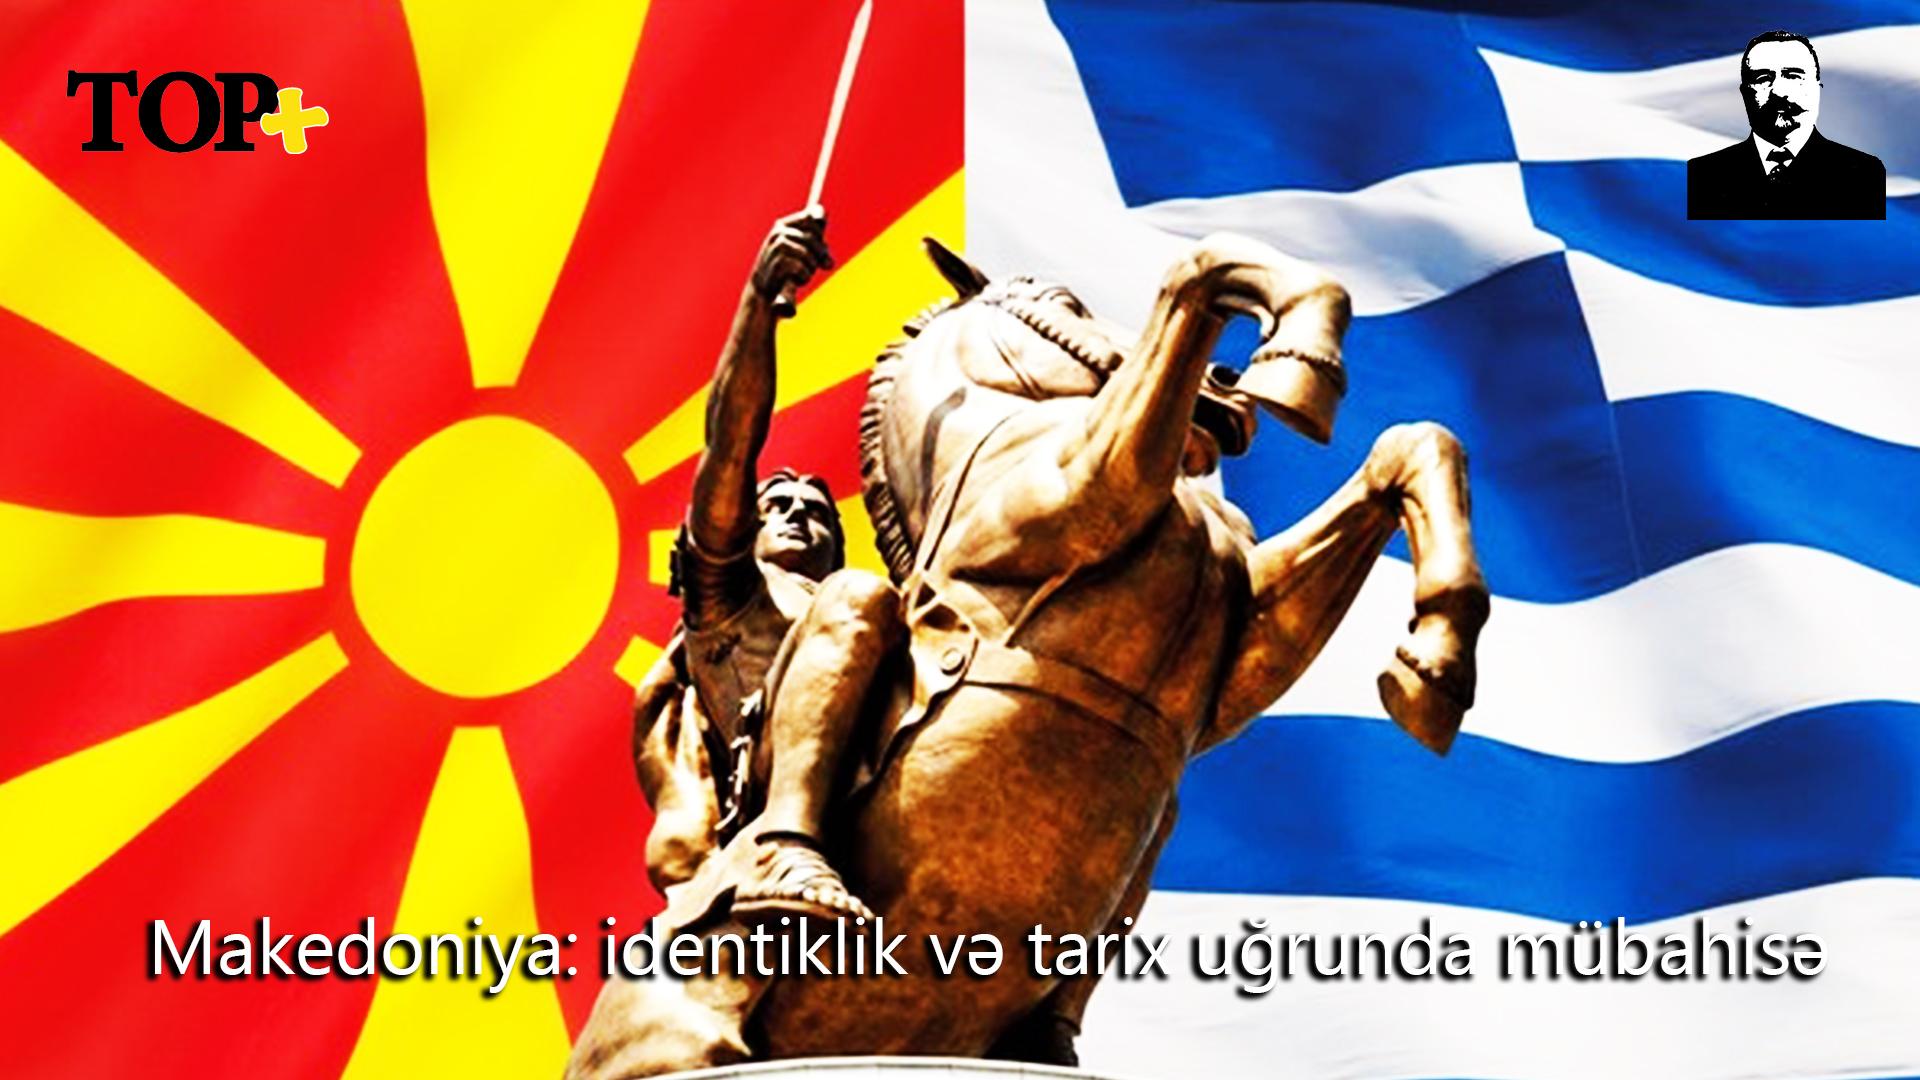 Makedoniya: identiklik və tarix uğrunda mübahisə